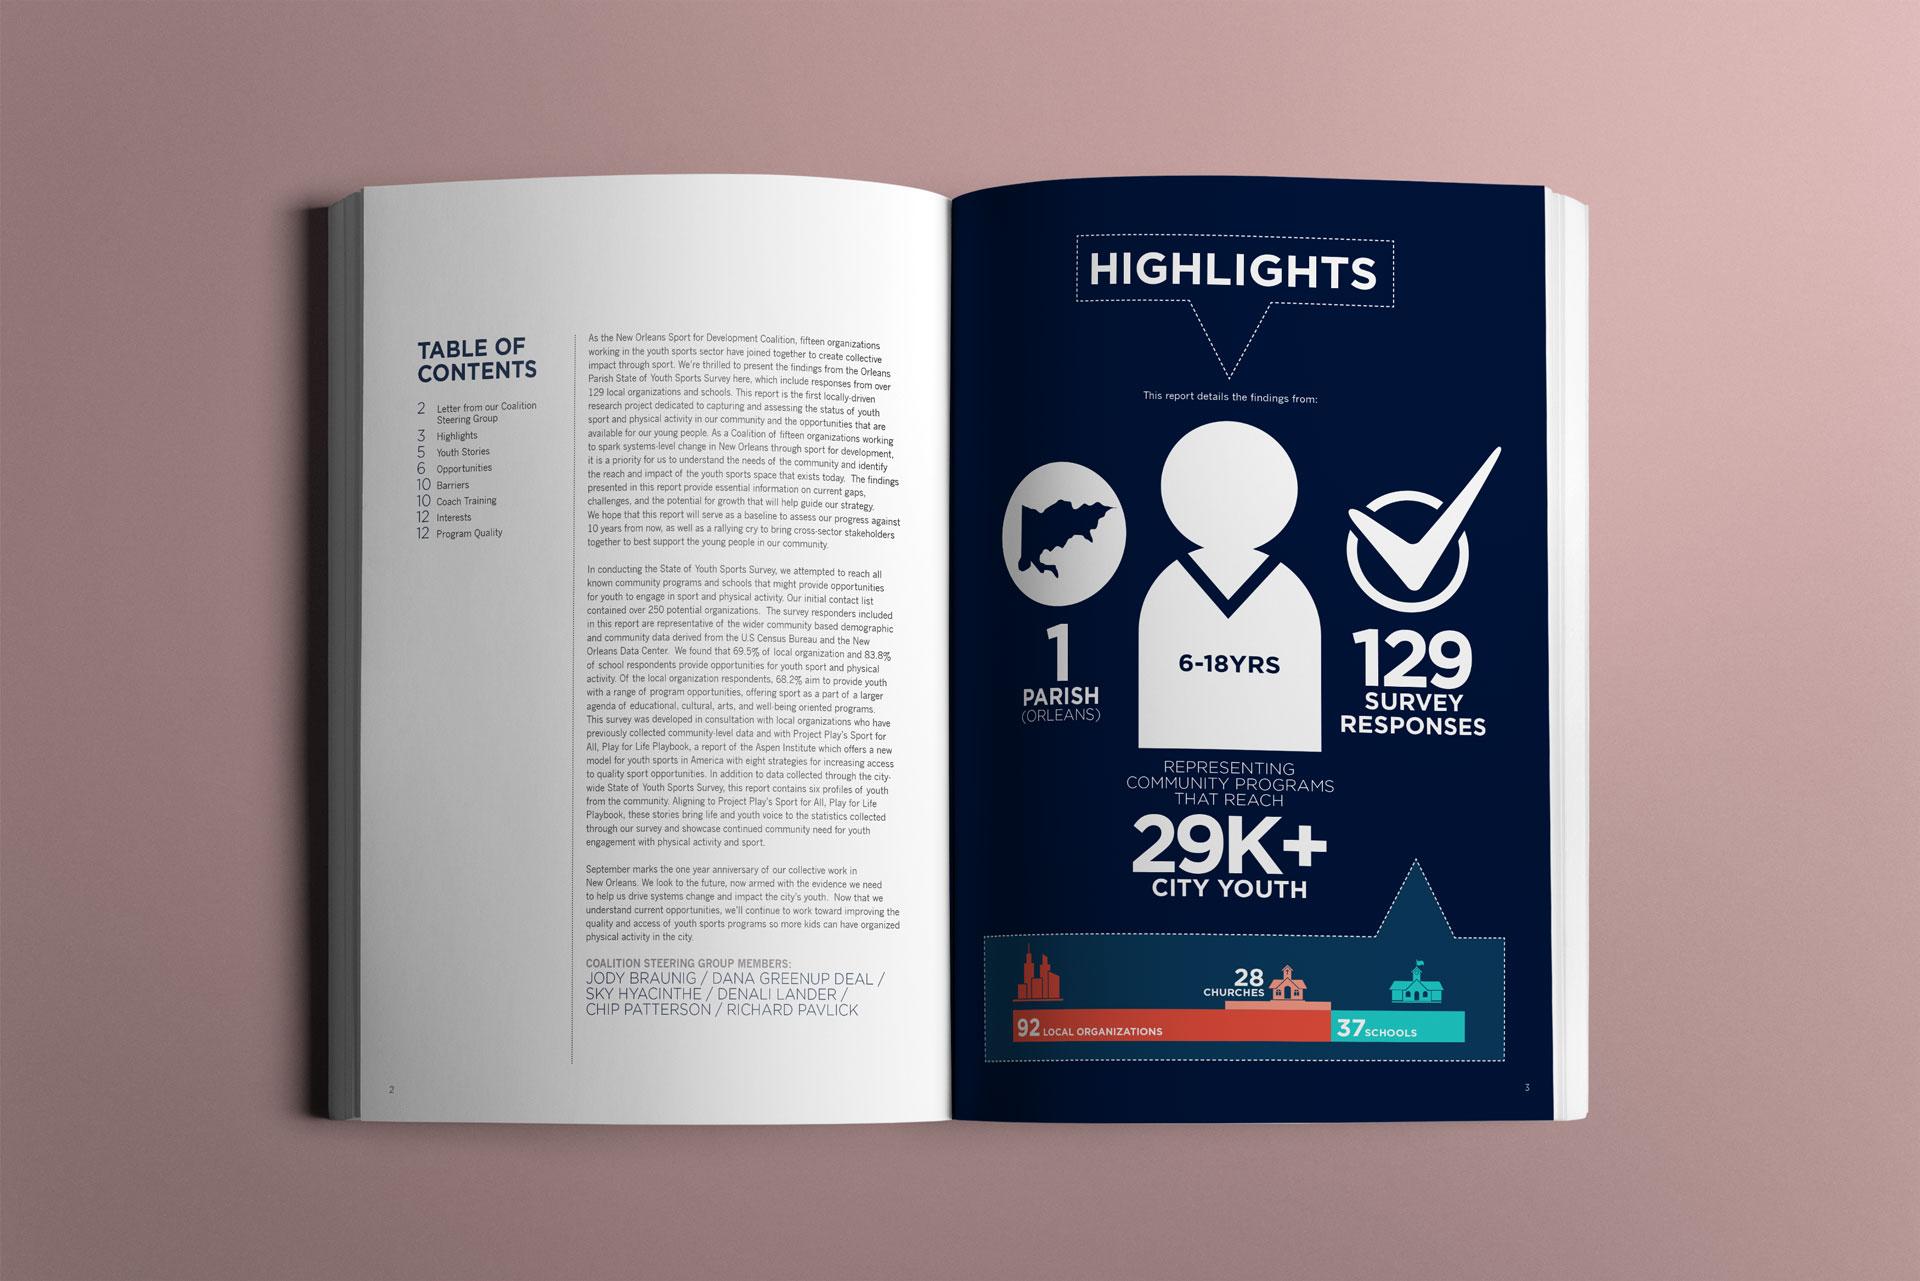 Laureus_NewOrleans-report-spread1.jpg